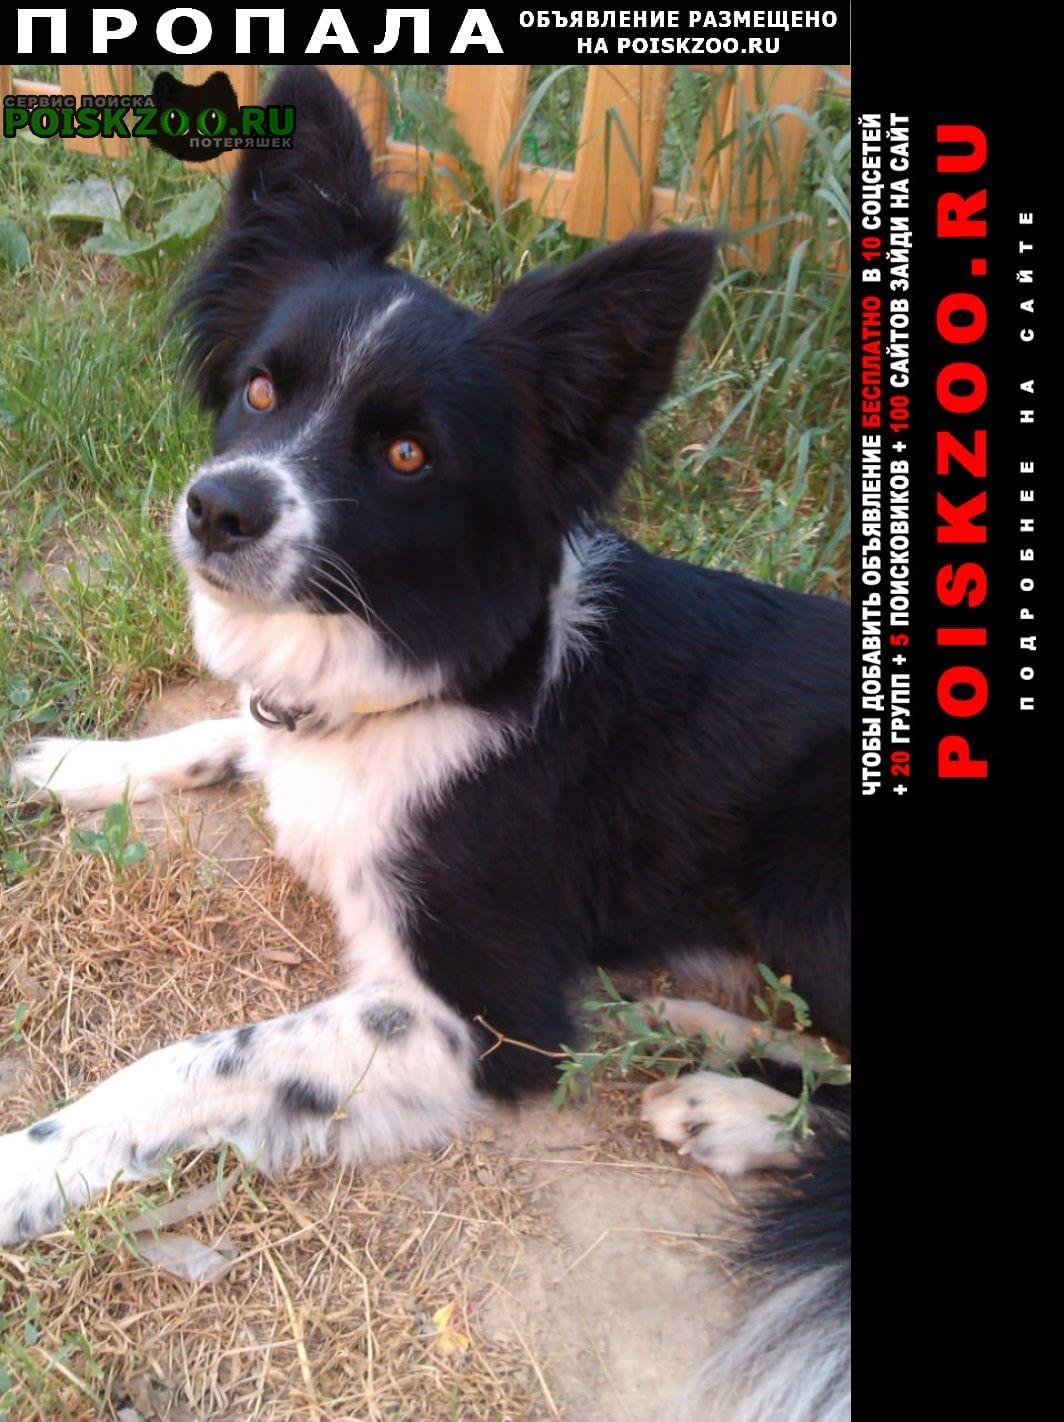 Пропала собака кобель Бронницы